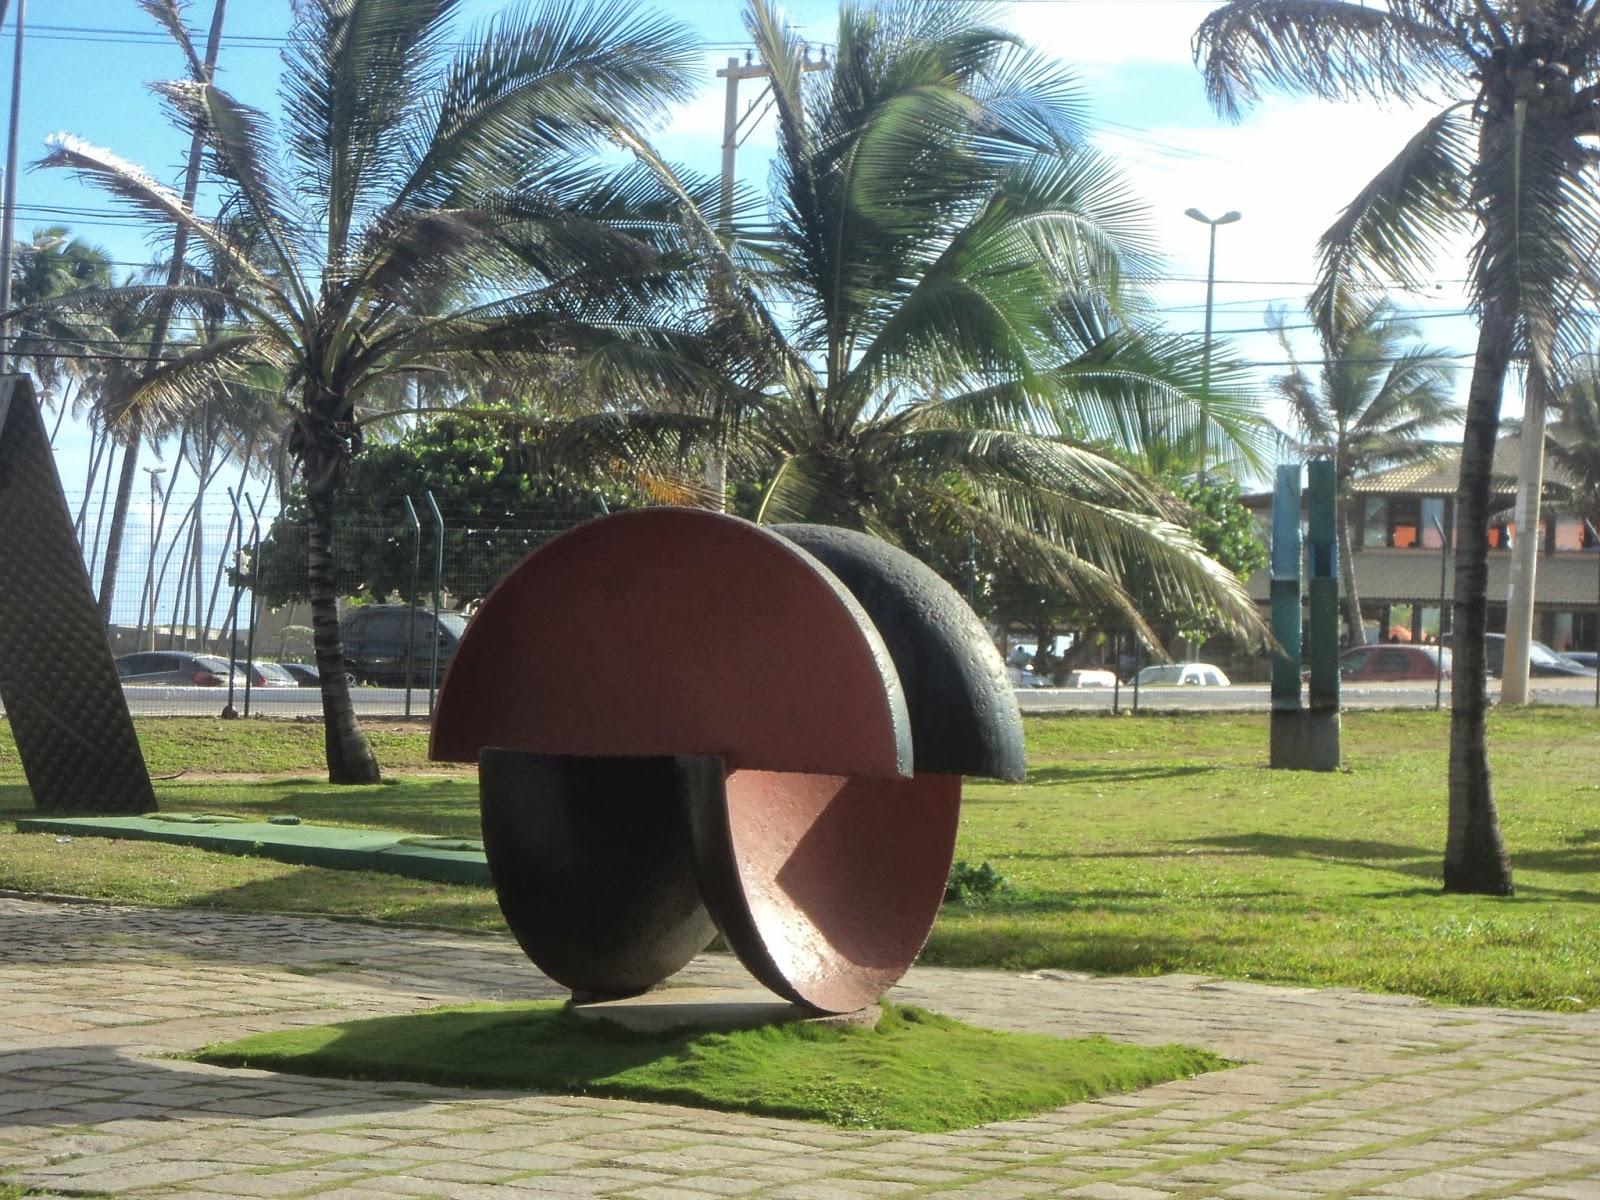 #317A9A Aurora do Parque: Parques de Salvador 1600x1200 px Banheiro Do Parque Costa Azul 3345